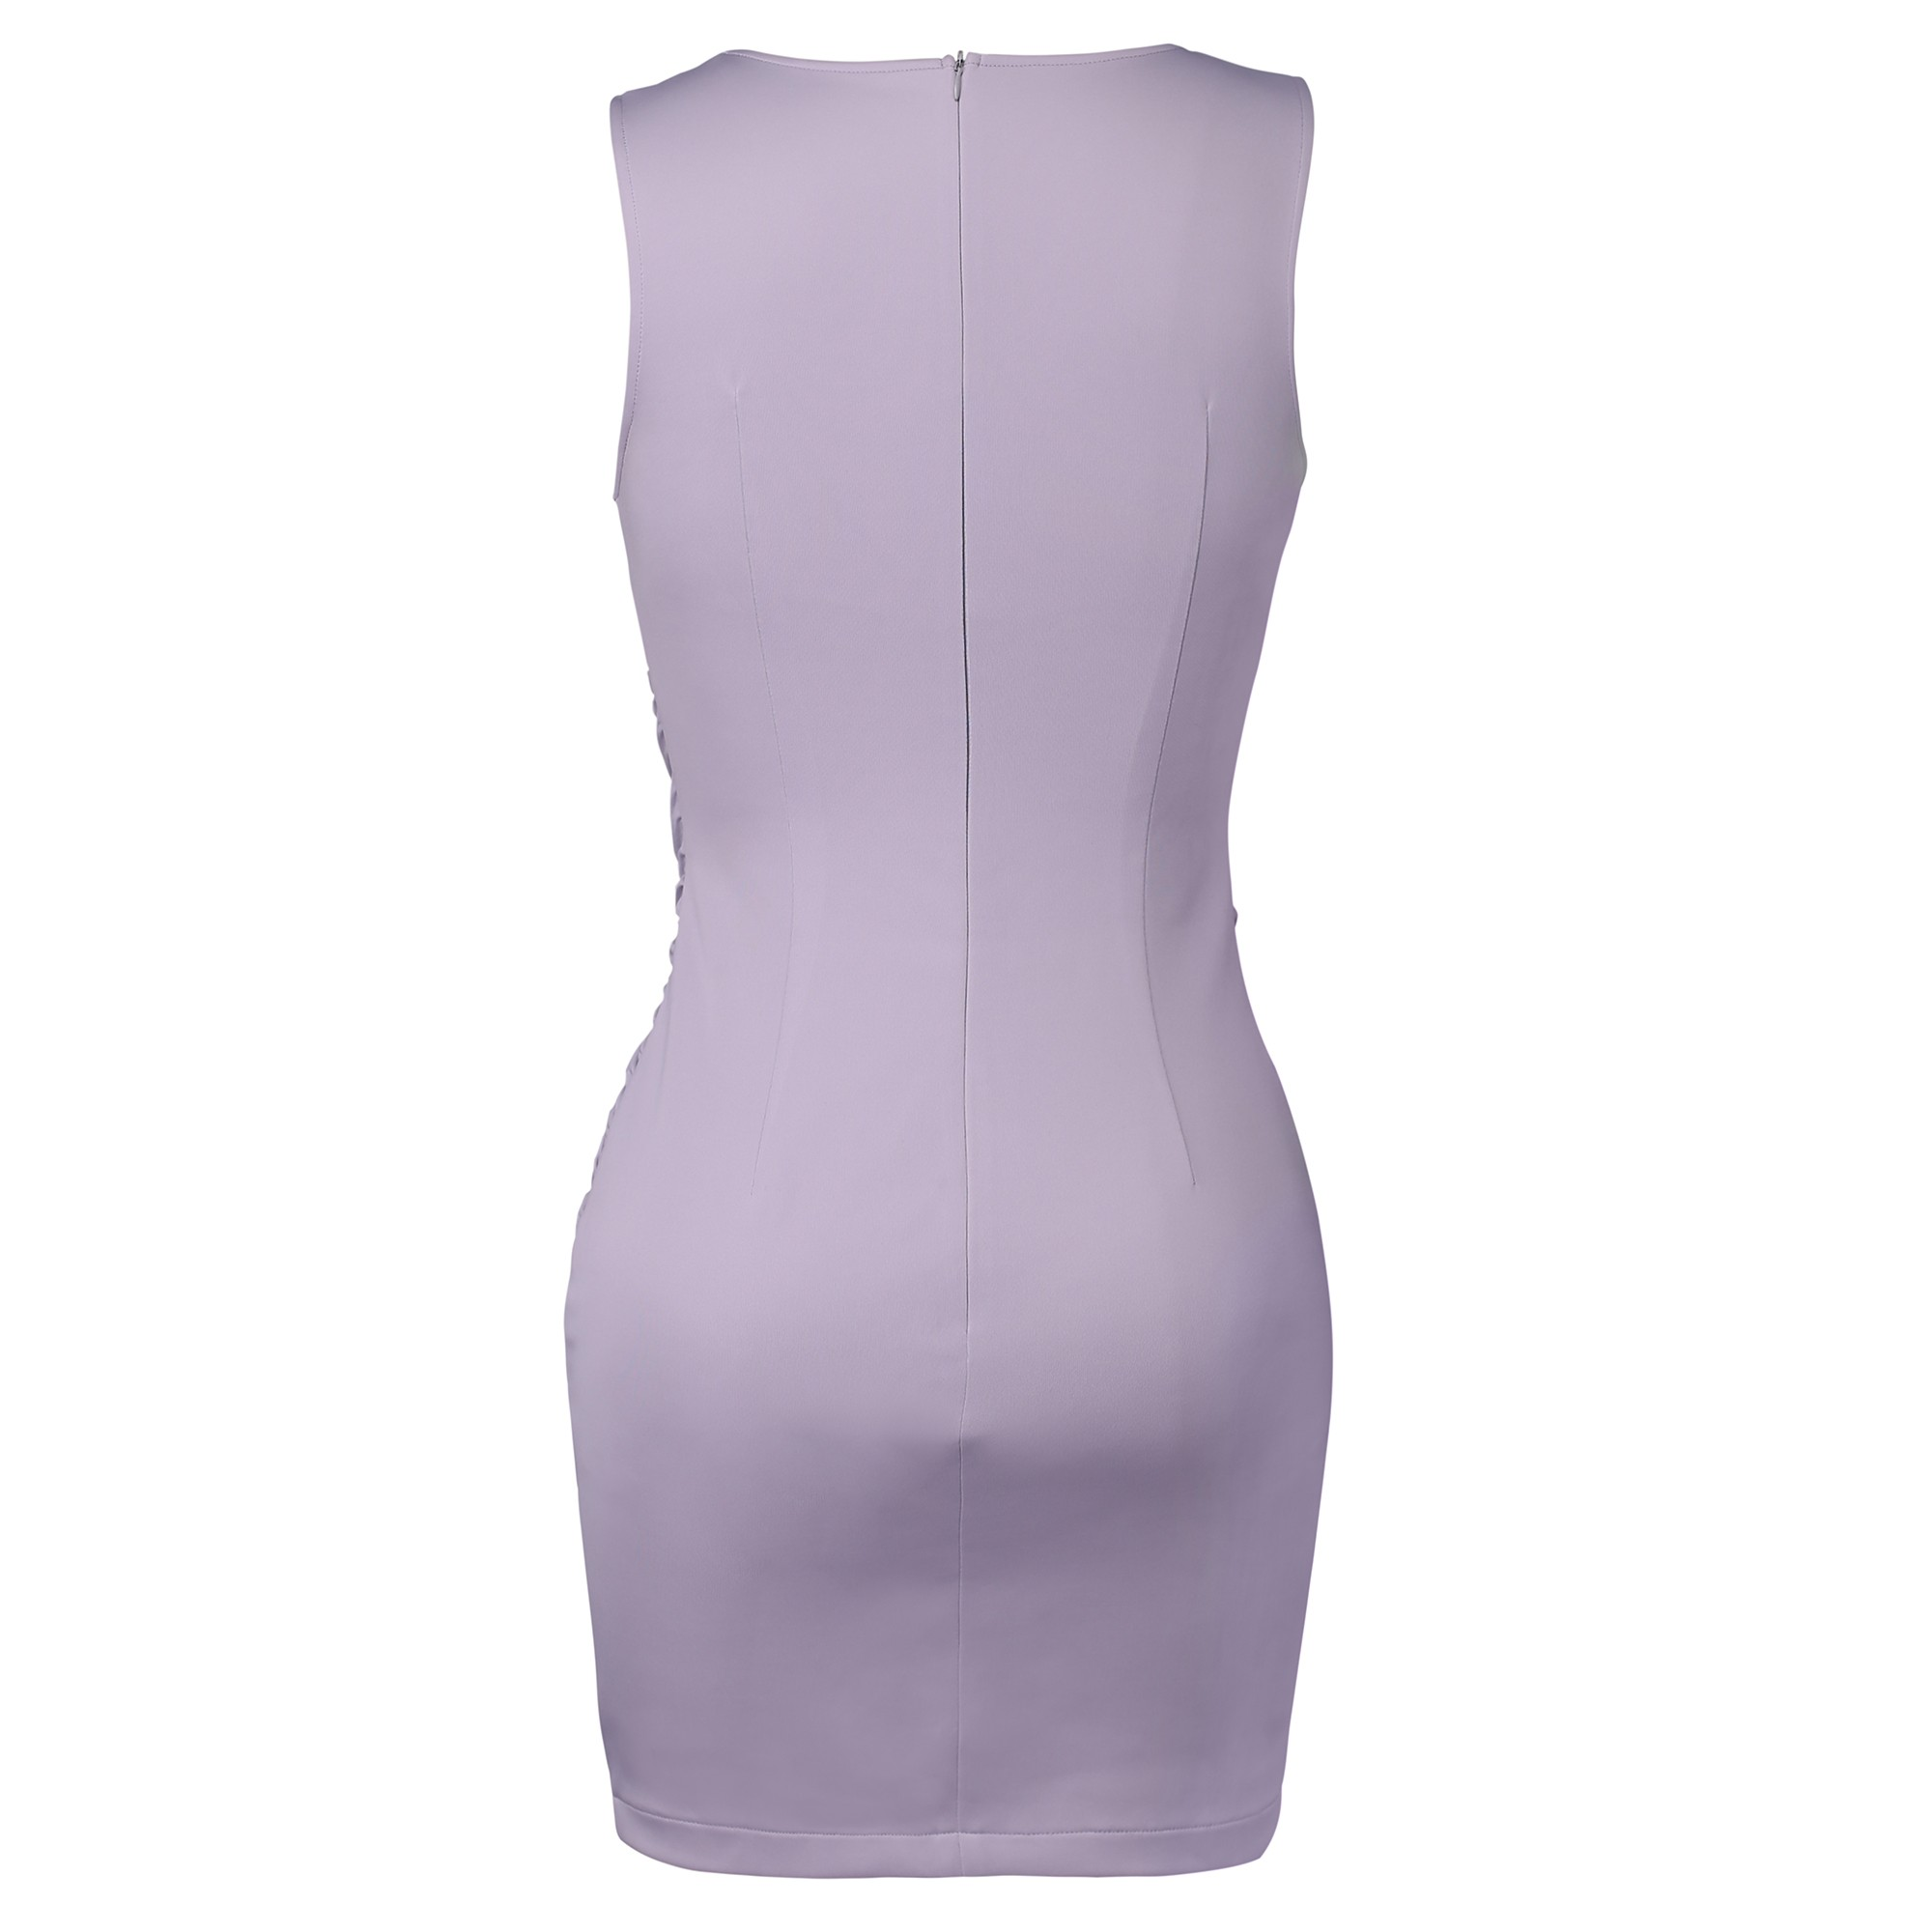 Gray V Neck Sleeveless Mini Stagger Knot Party Bodycon Dress HD510-Gray